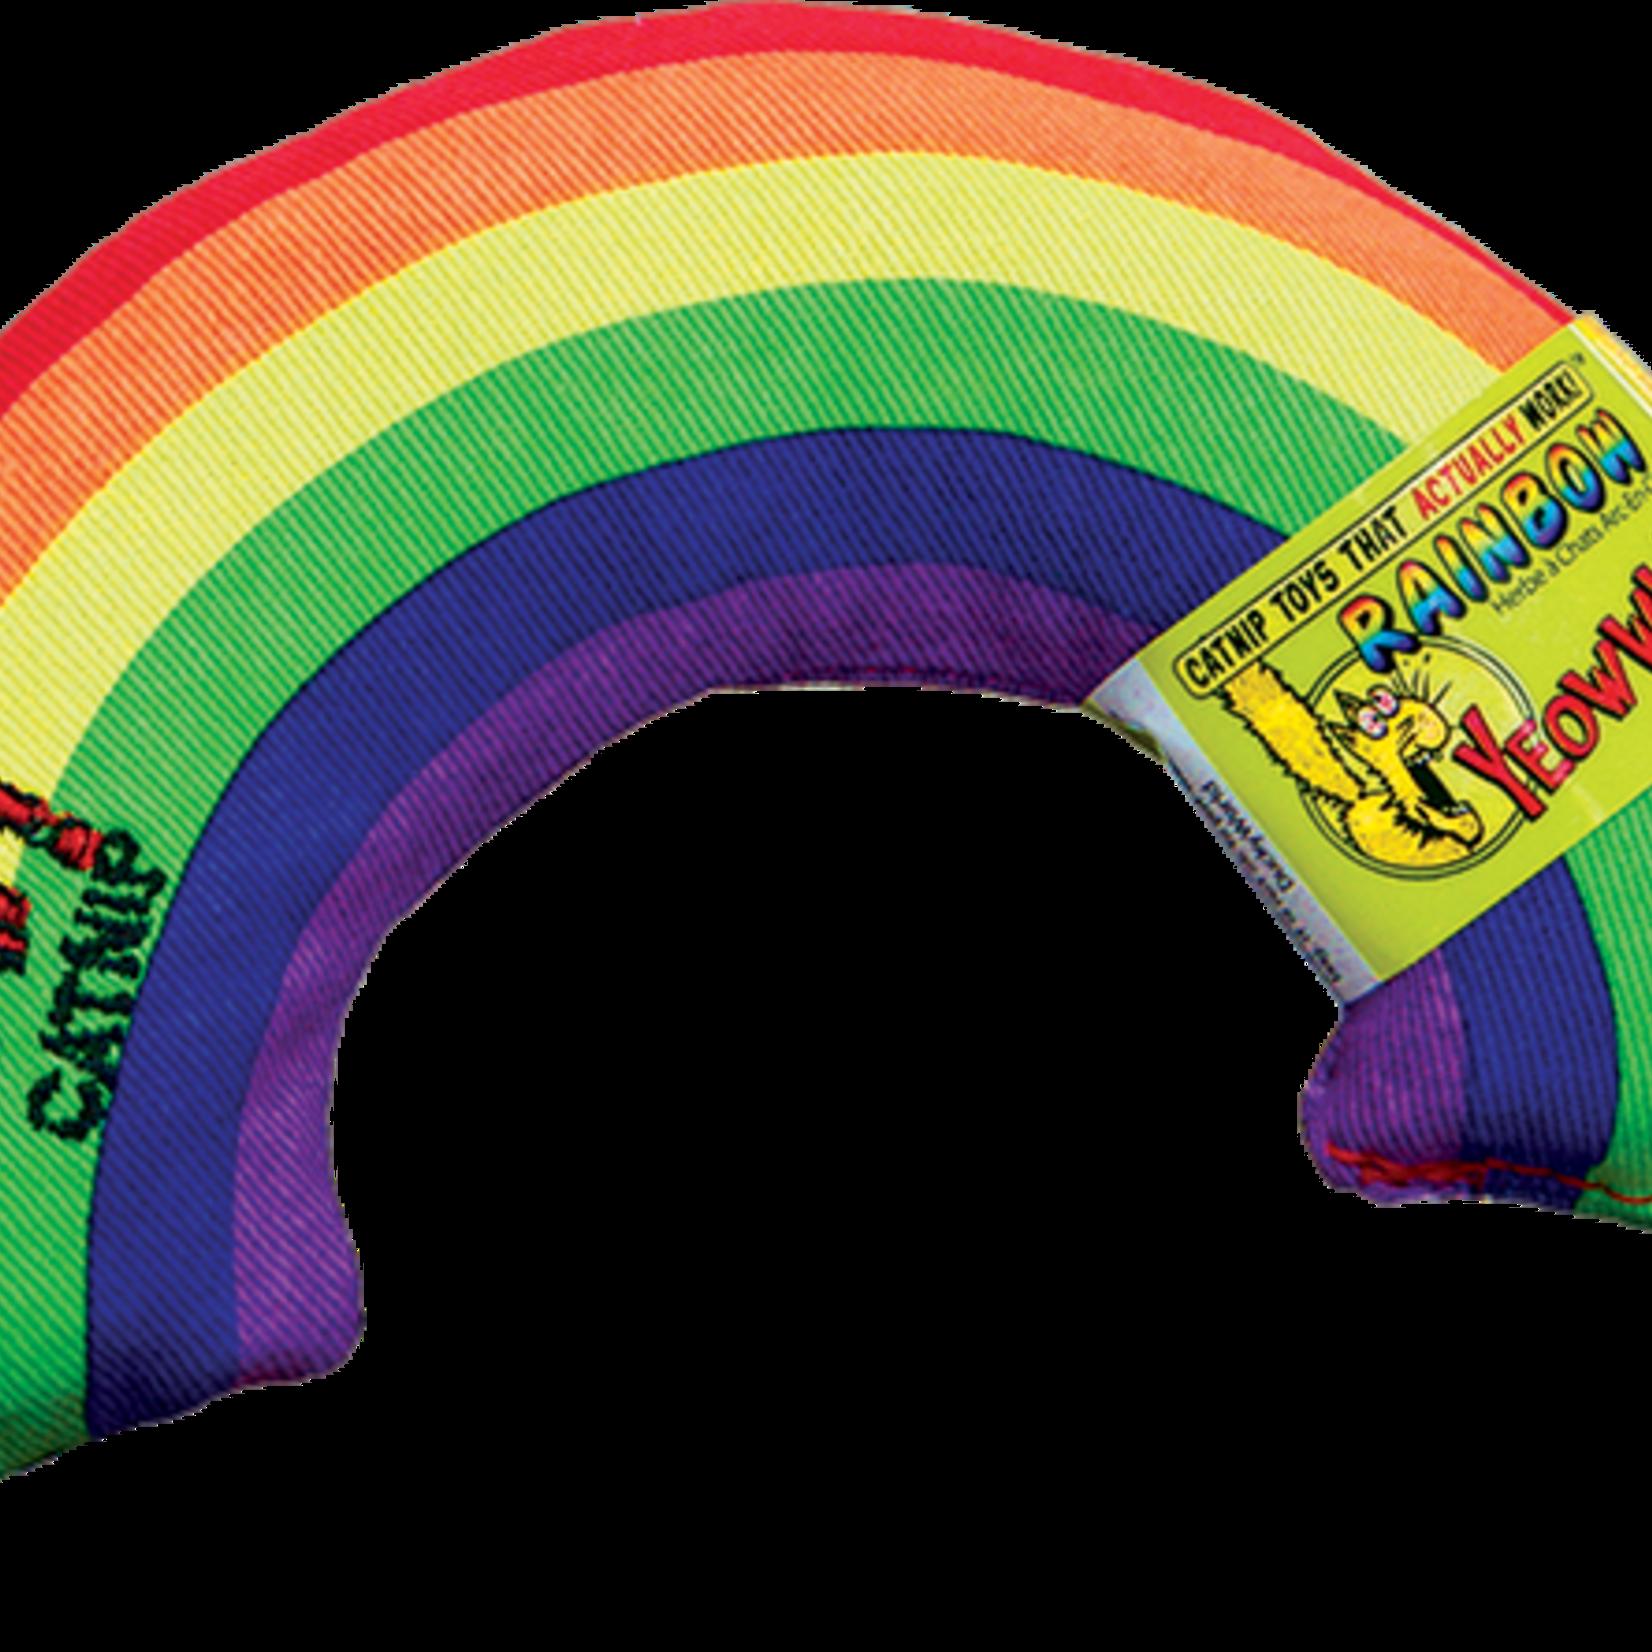 Yeoww Ducky World Inc. Ducky World Yeow! Catnip Rainbow